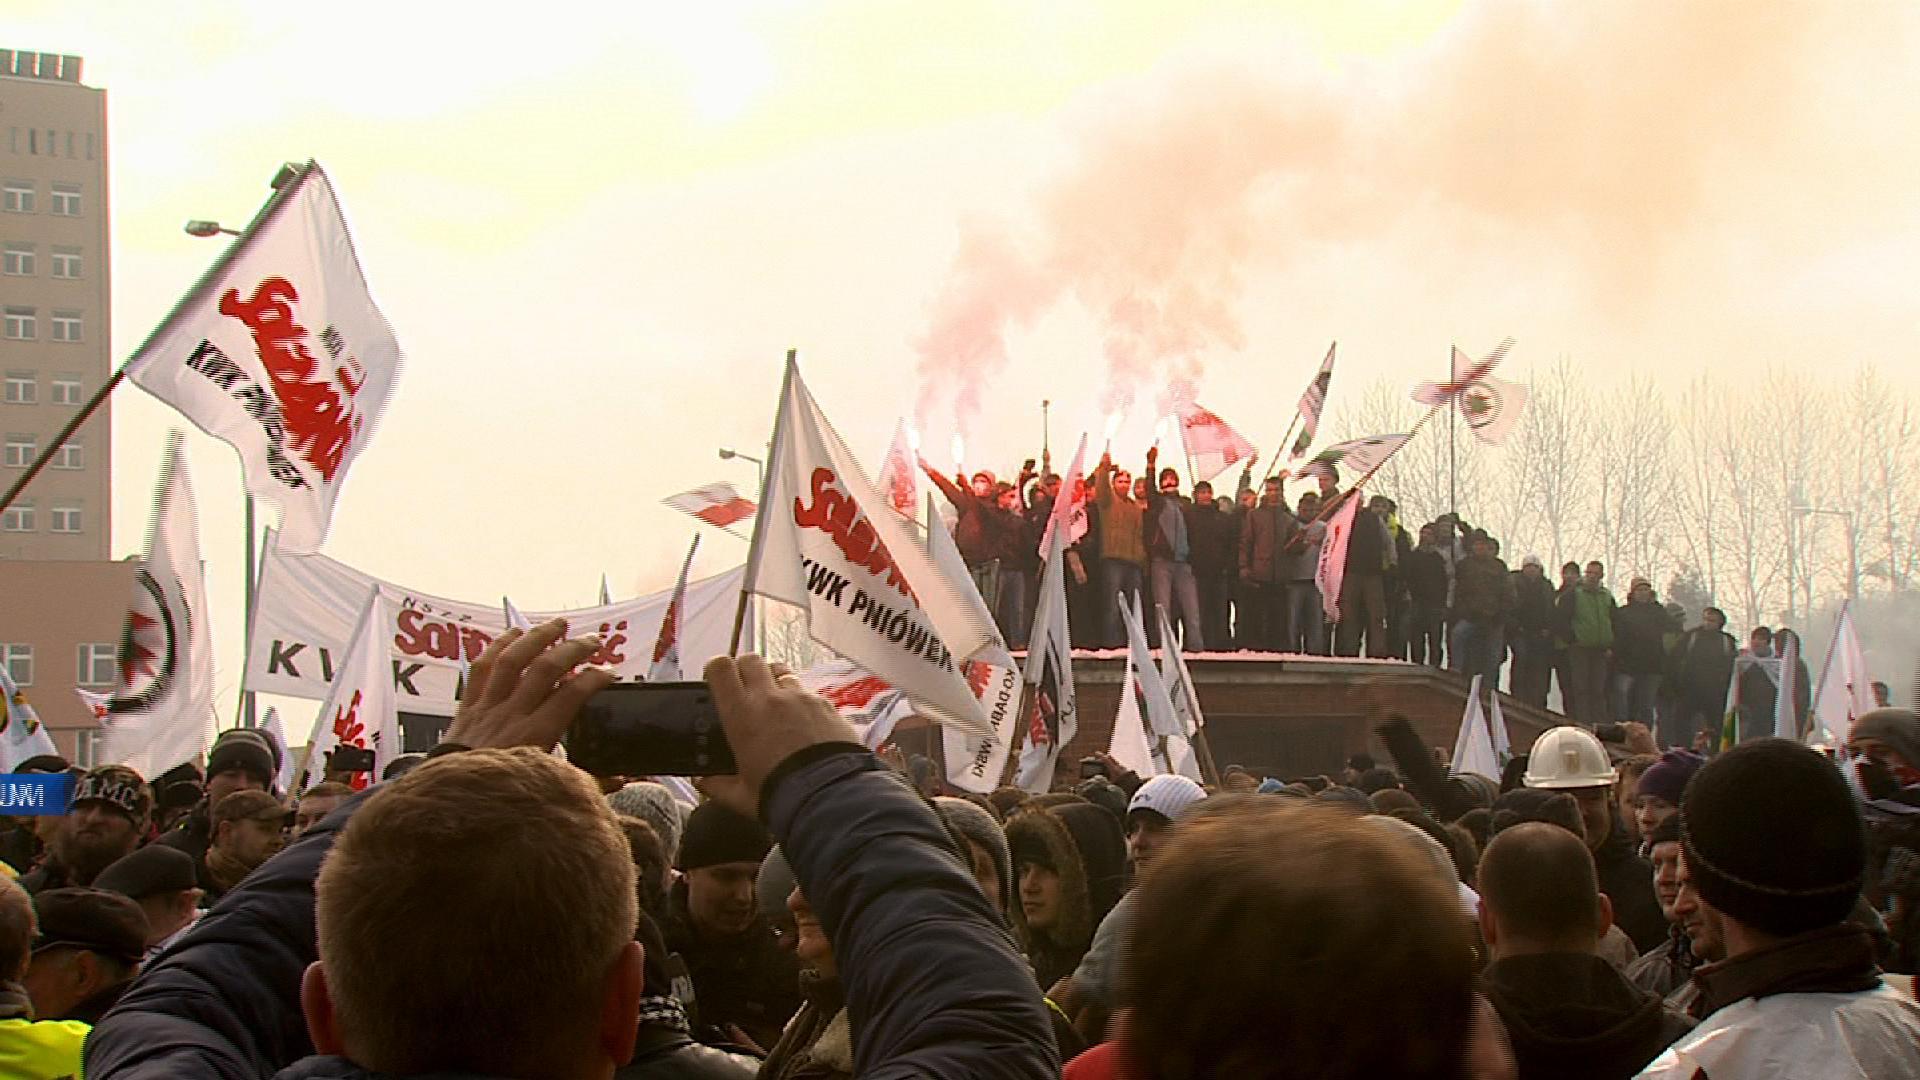 Reprezentanci organizacji związkowych z Polskiej Grupy Górniczej powołali 27 stycznia w Katowicach wspólny sztab protestacyjny-strajkowy (fot.poglądowe - archiwum)